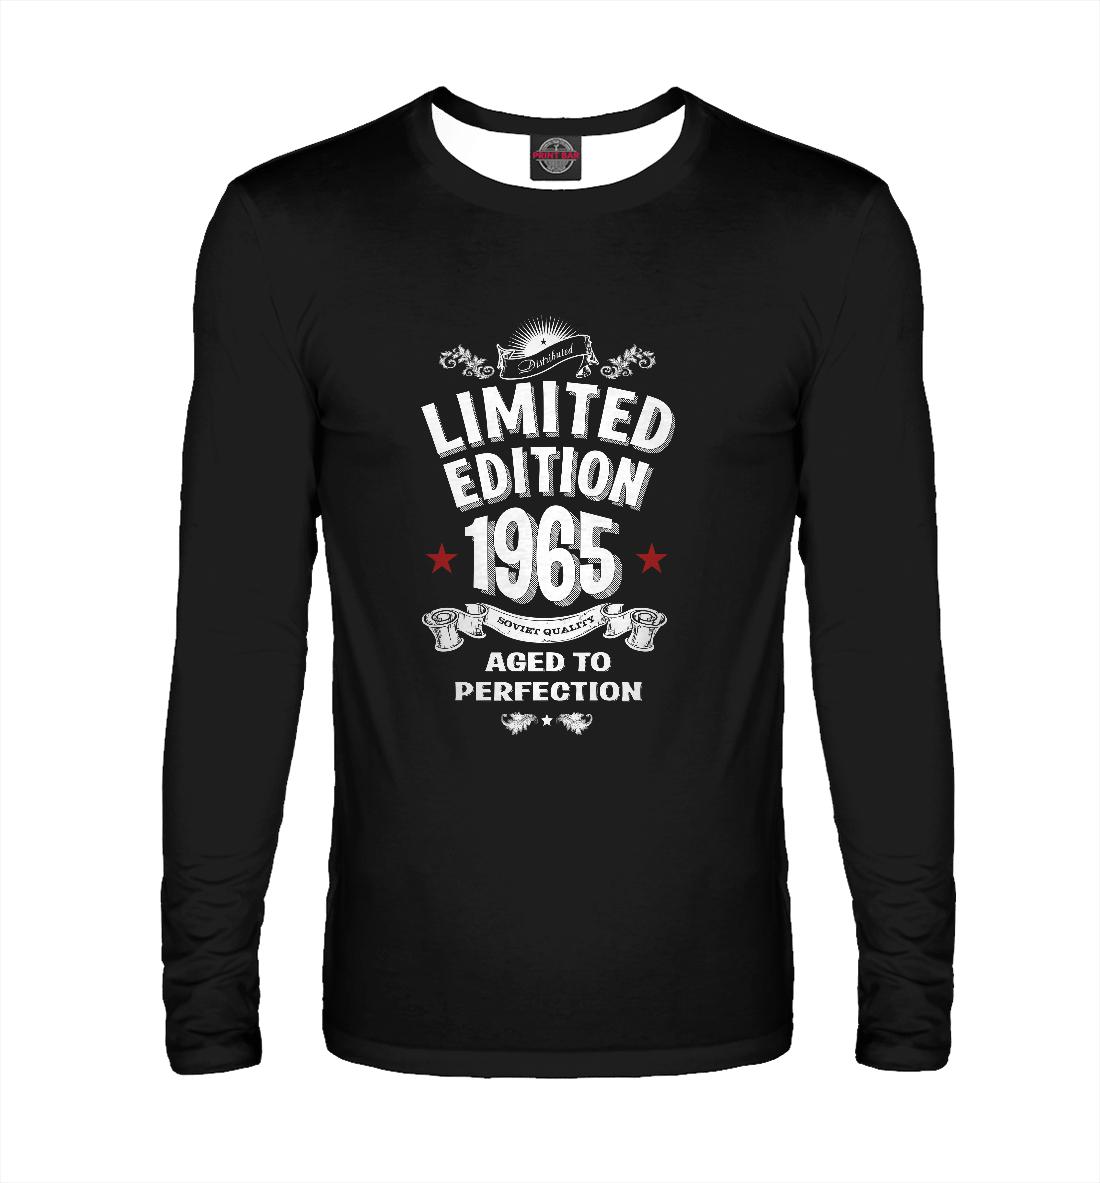 Купить Ограниченная серия 1965, Printbar, Лонгсливы, RZP-270056-lon-2